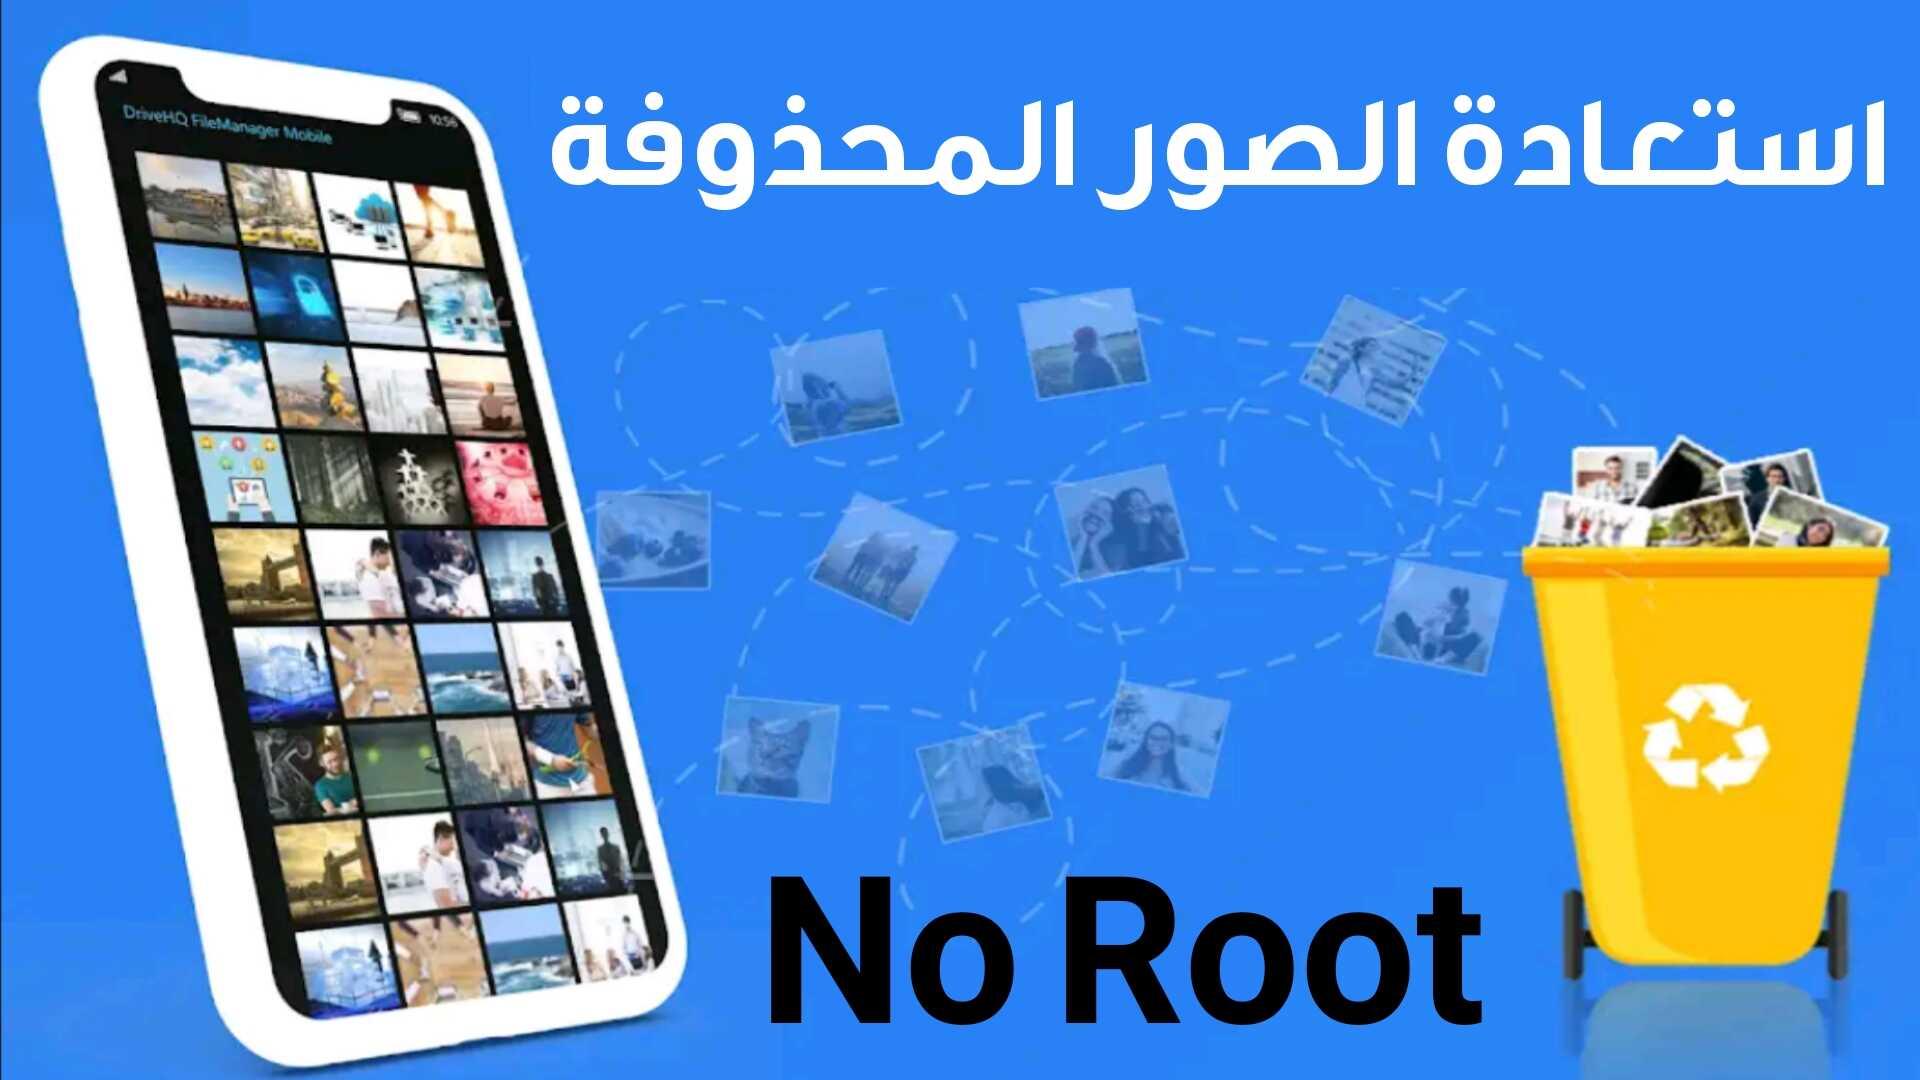 برنامج استعادة الصور المحذوفة من ذاكرة الهاتف الداخلية